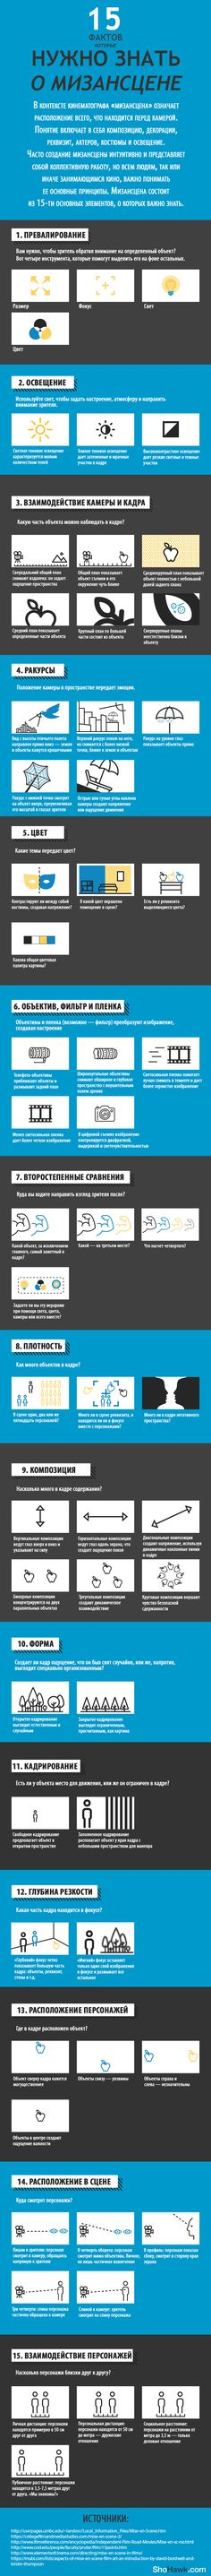 15 базовых правил создания эффективной мизансцены. Инфографика